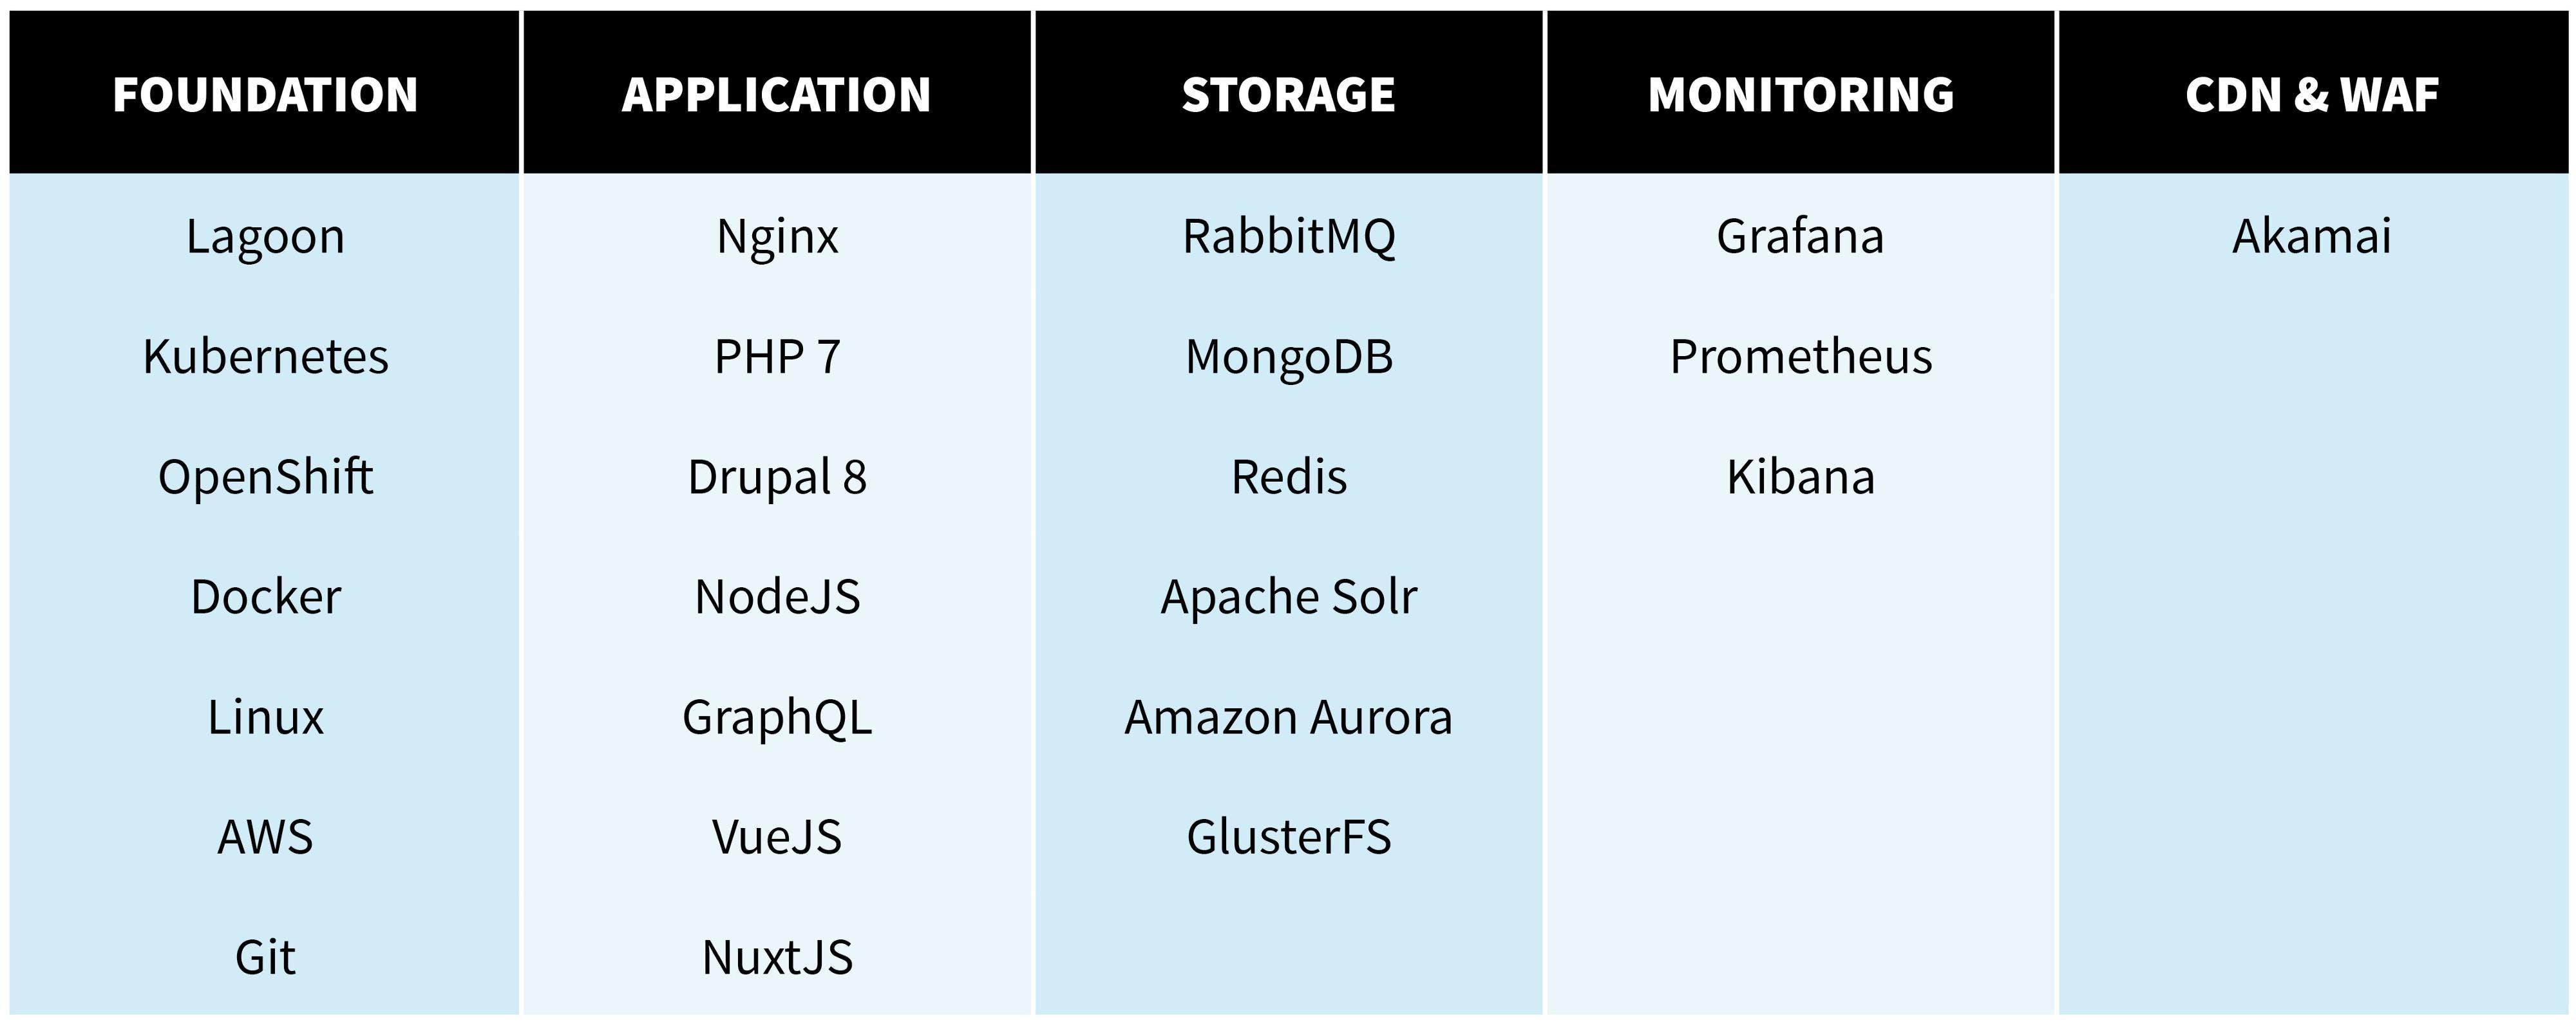 Foundation - Application - Storage - Monitoring - CDN & WAF